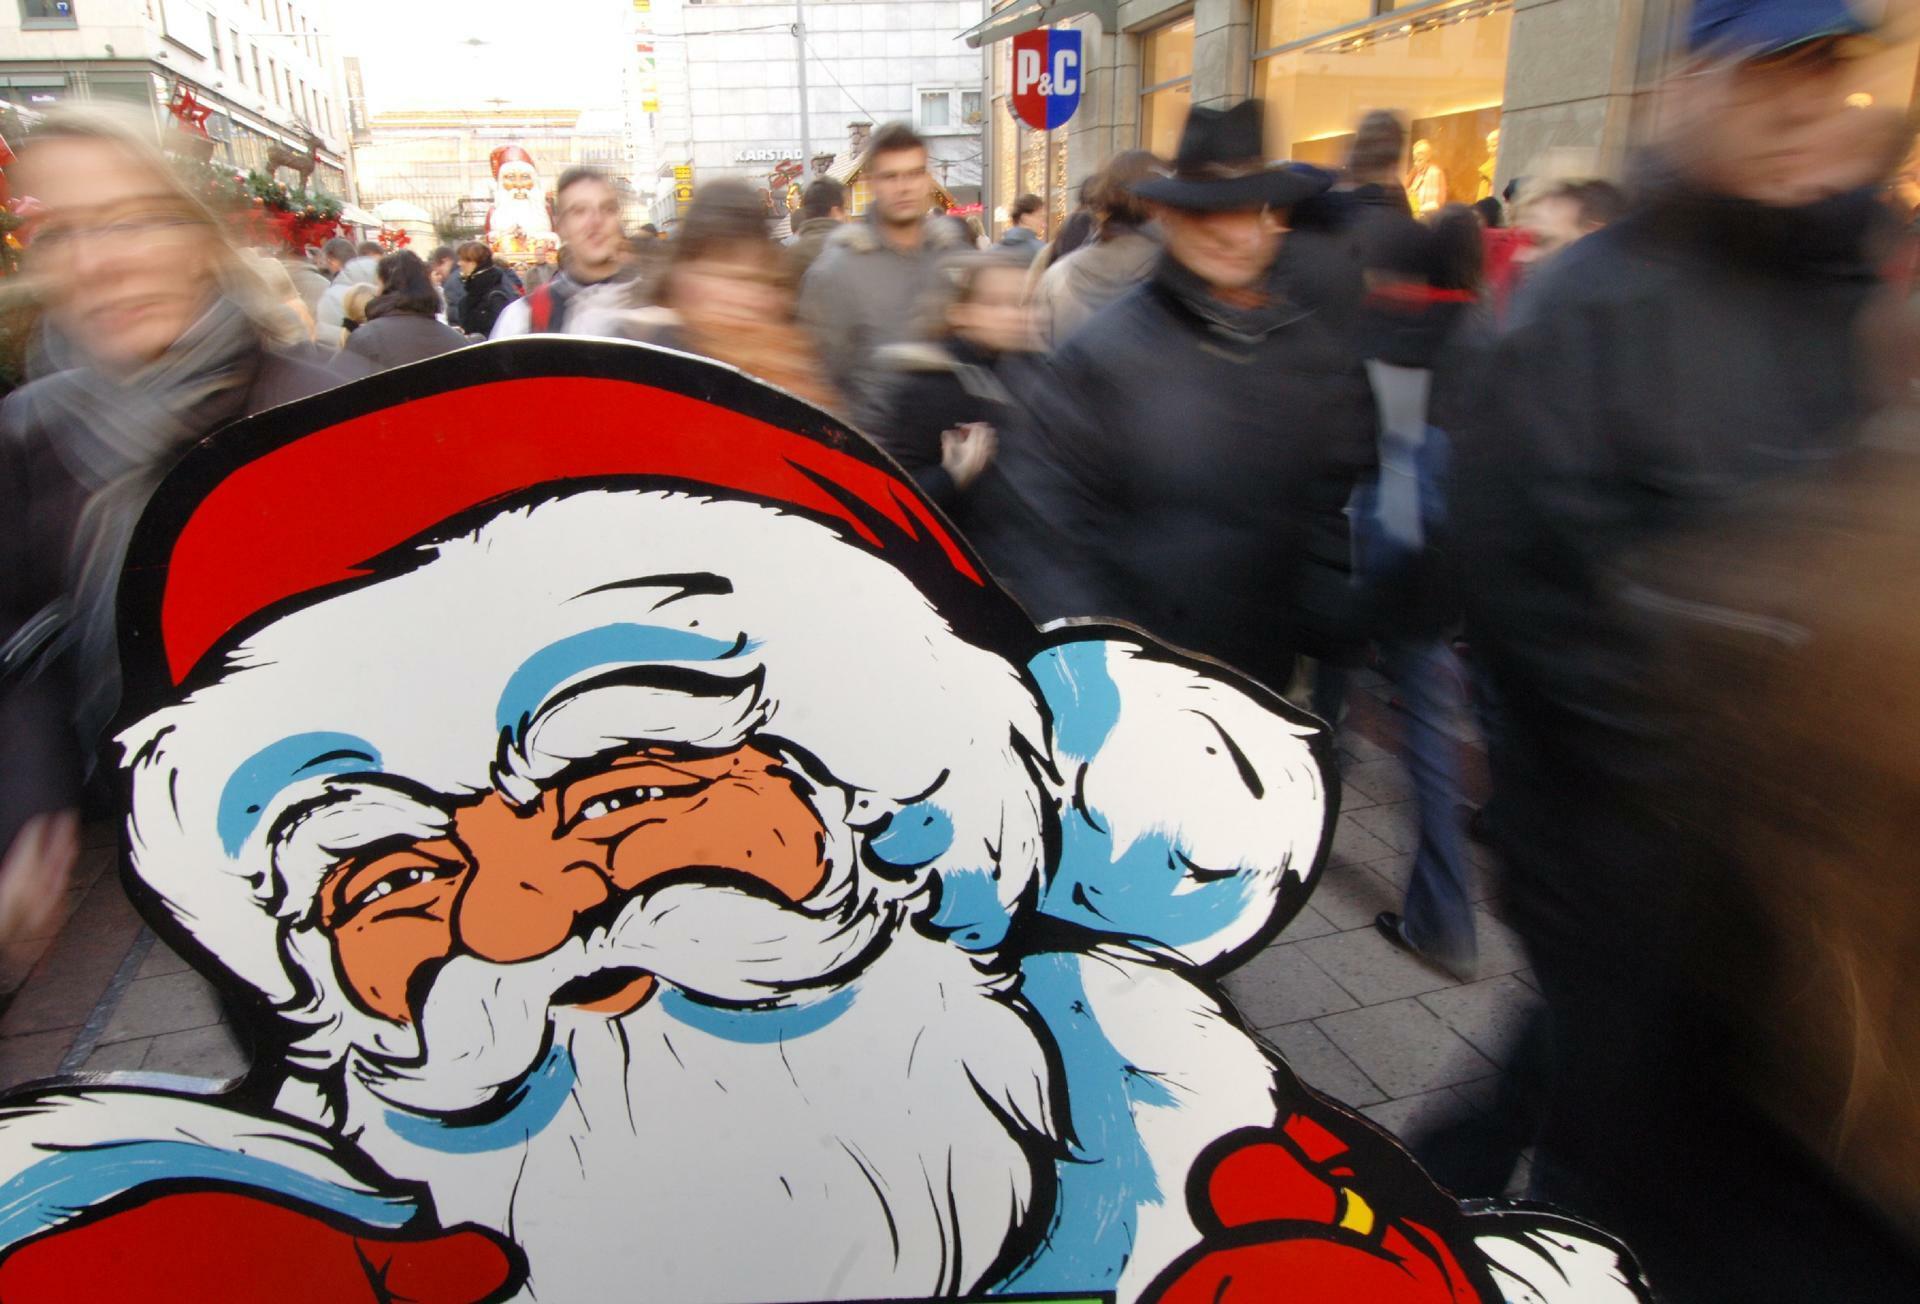 Vorweihnachtsstress: Weihnachten ist nur für Christen schön